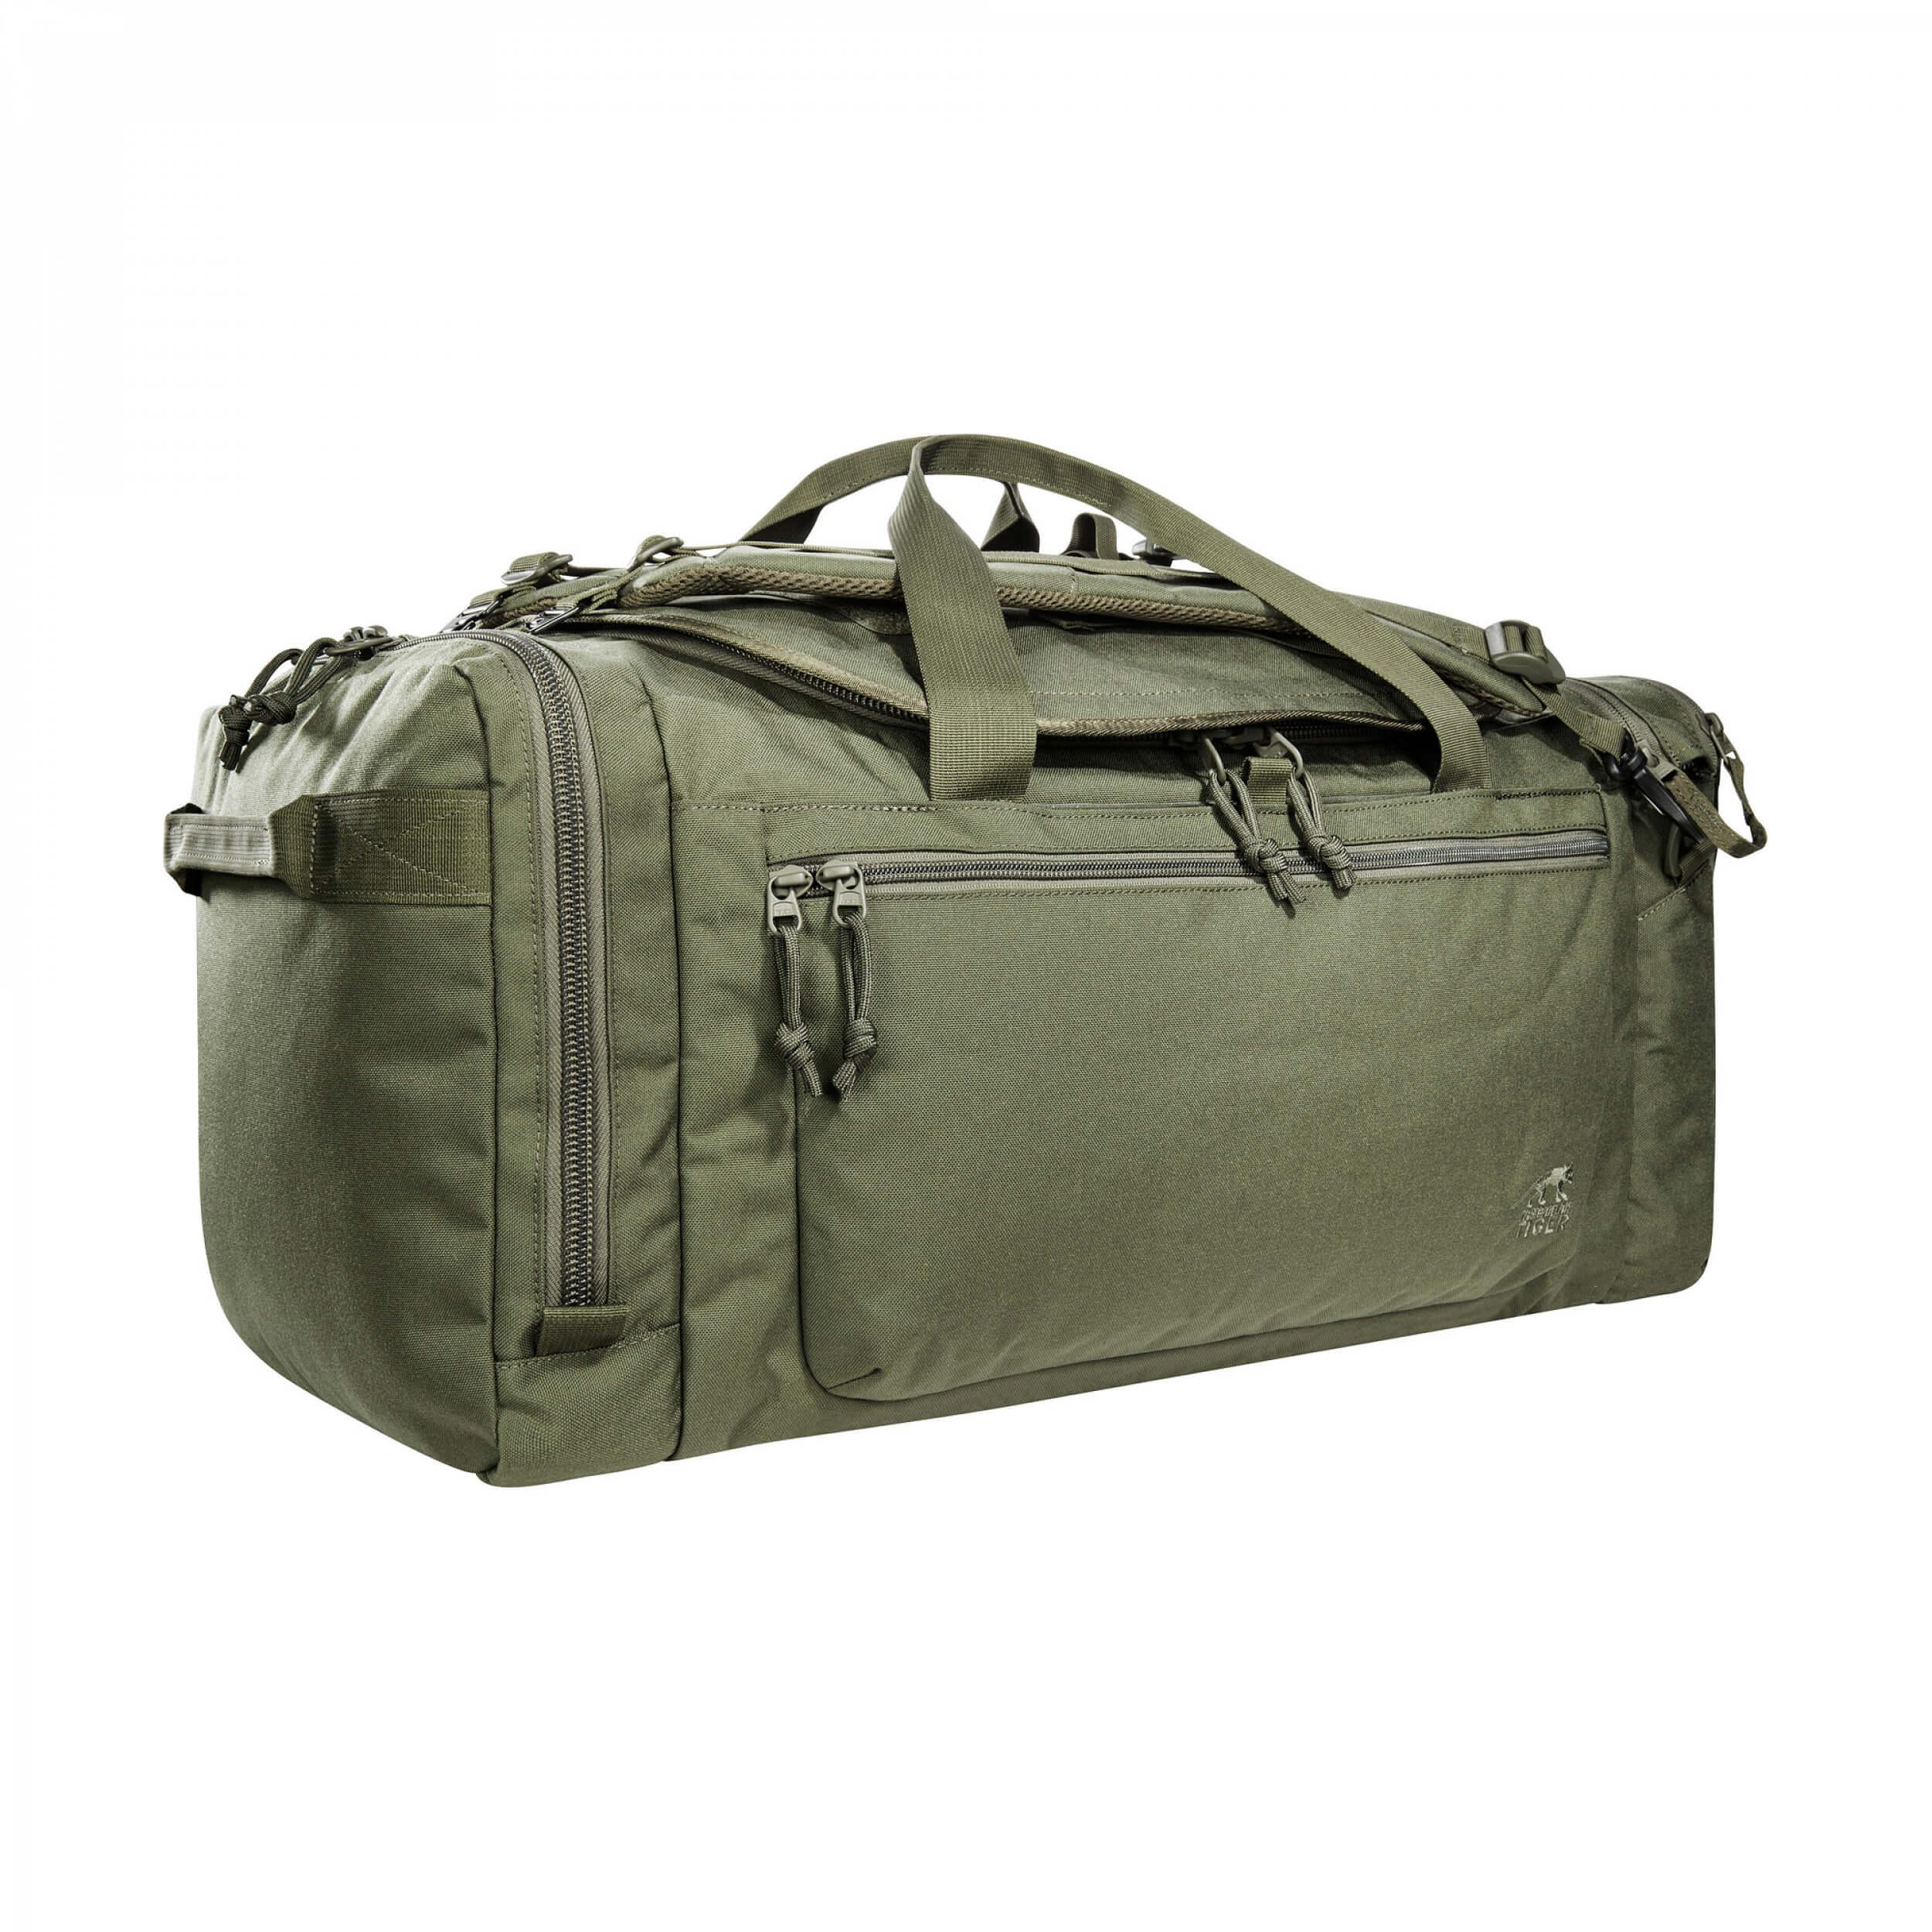 Tasmanian Tiger Officers Bag olive